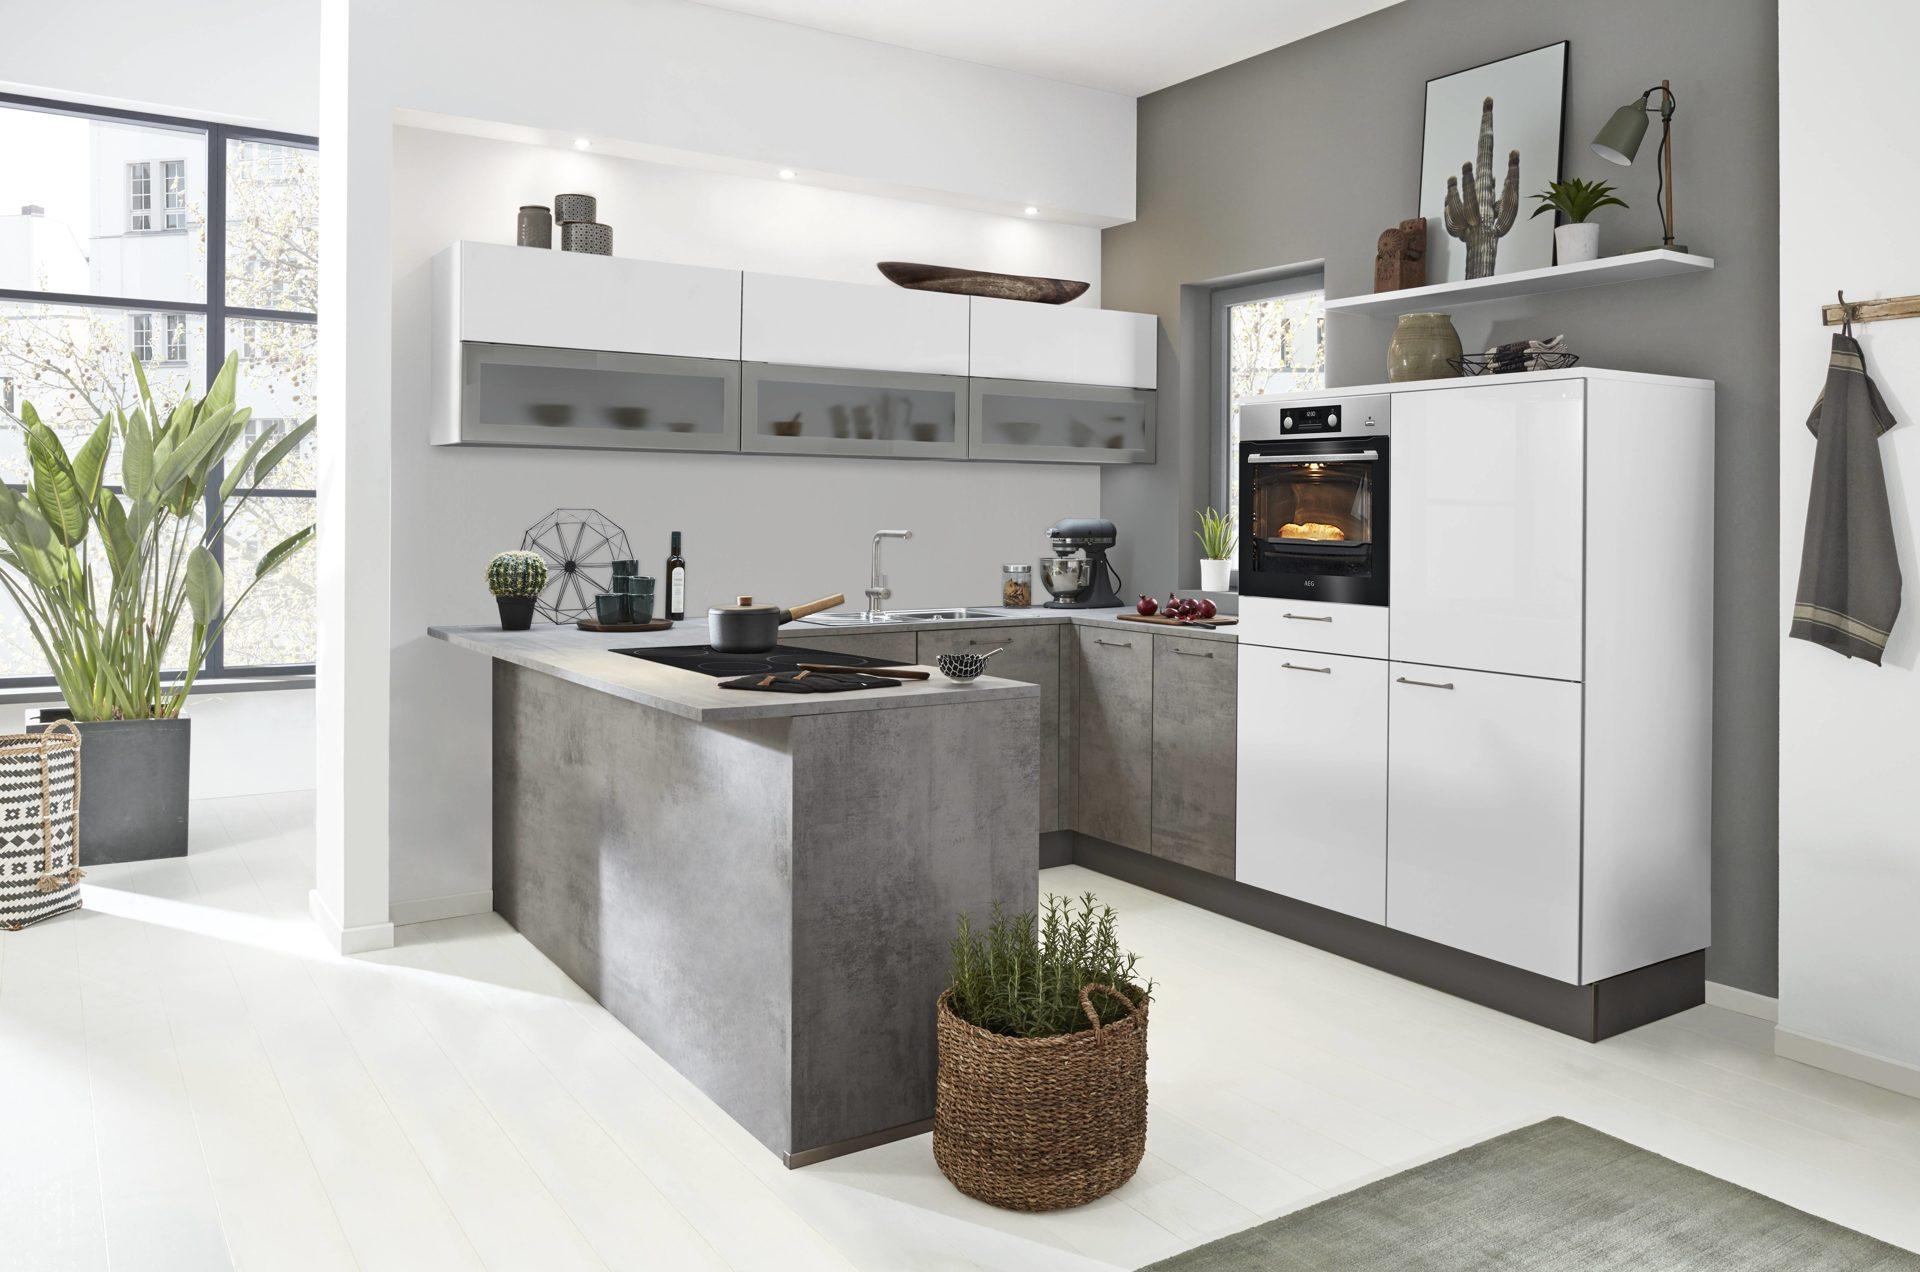 Favorit Interliving Küche Serie 3006 mit gorenje Einbaugeräten, arcticweiße &, UH88